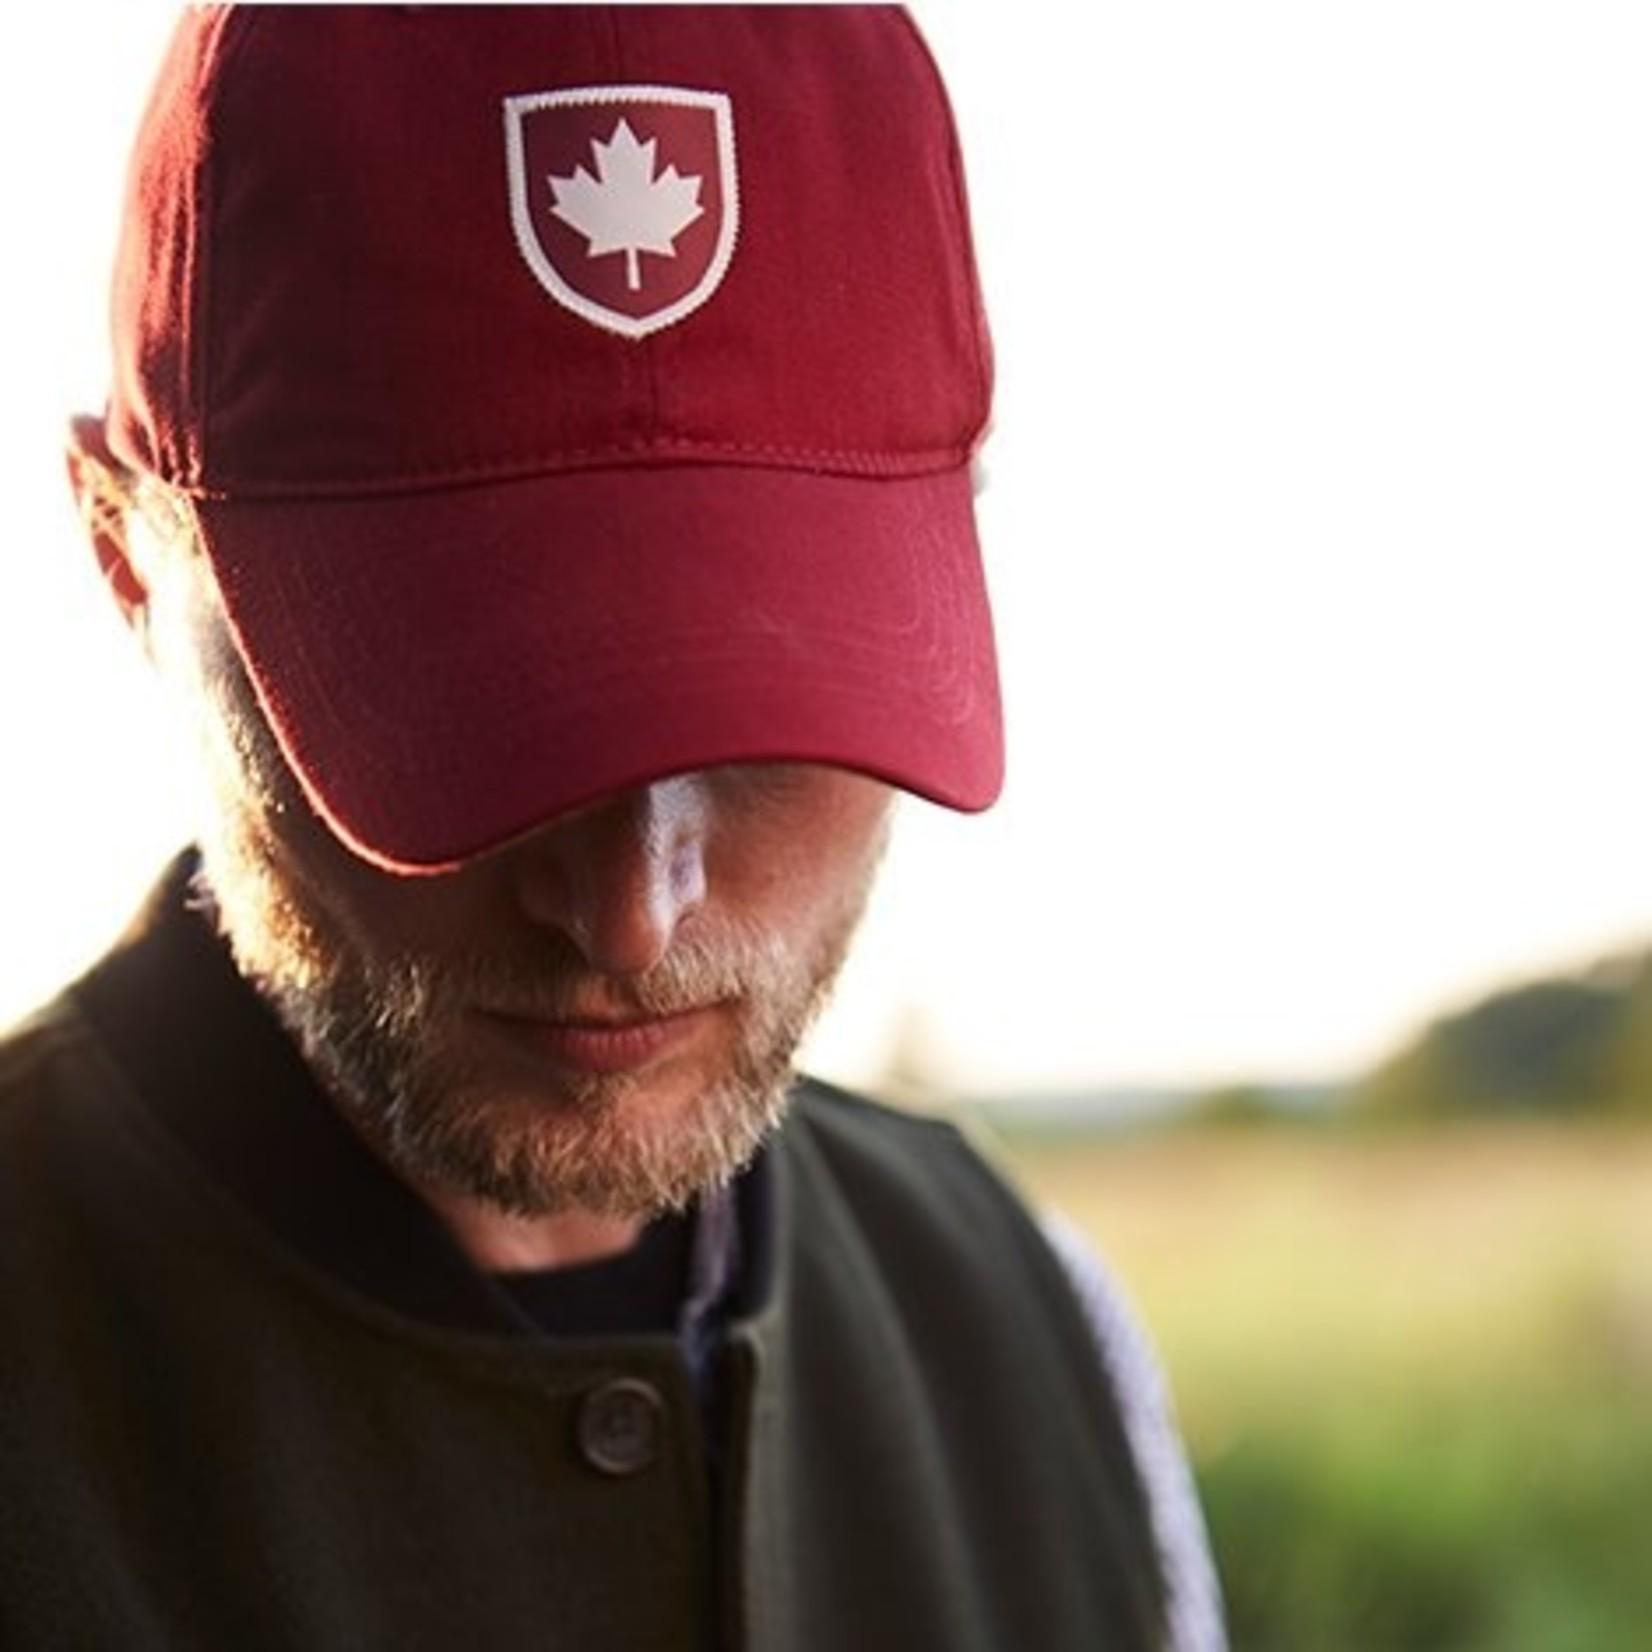 Red Canoe Red Canoe Canada Shield Cap